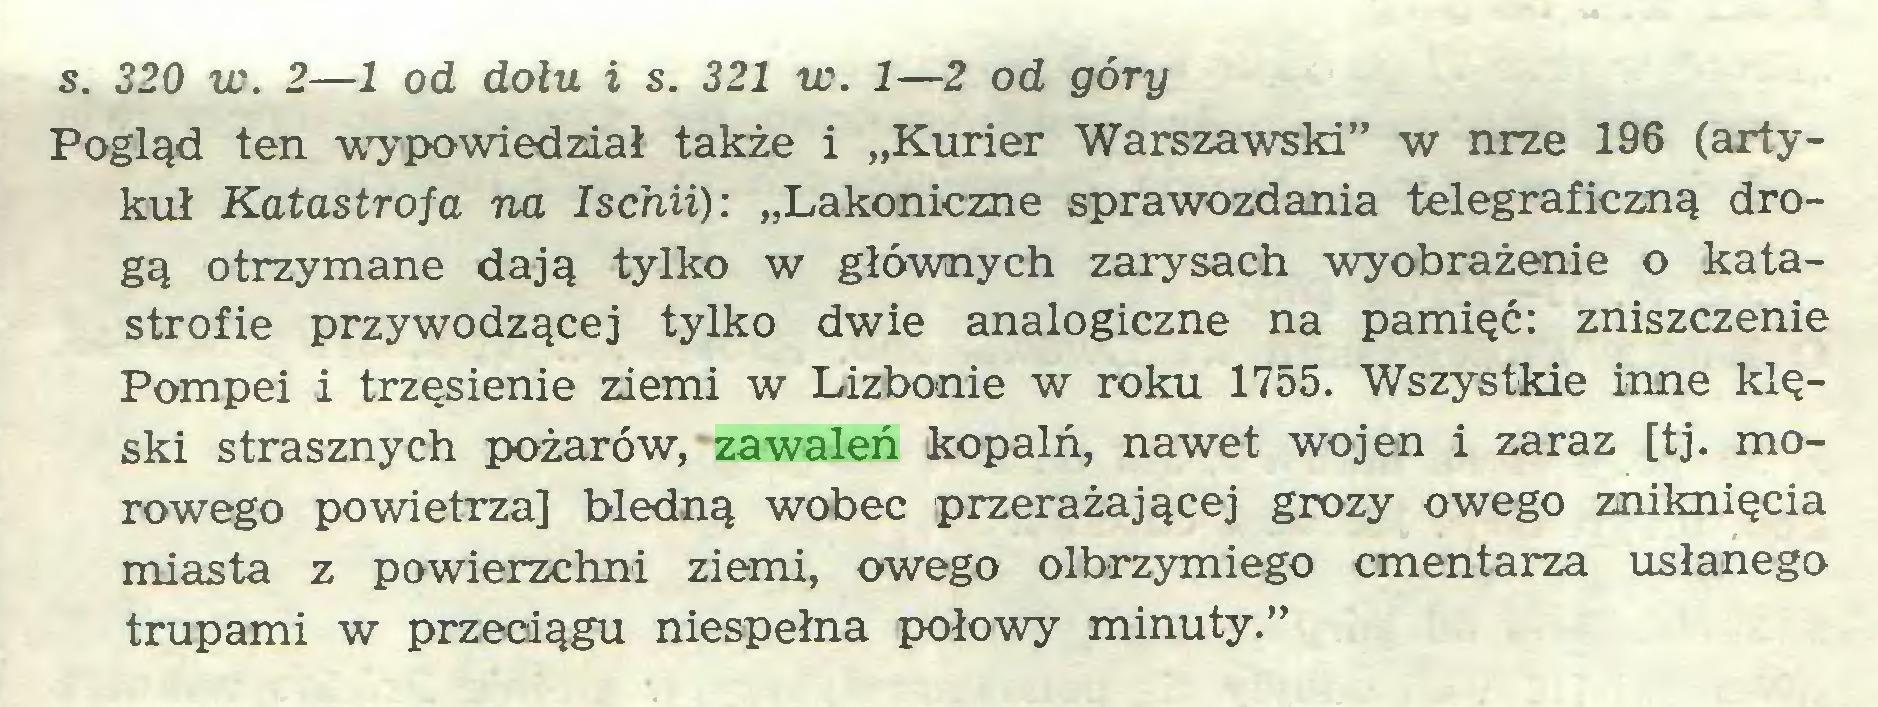 """(...) s. 320 w. 2—1 od dołu i s. 321 w. 1—2 od góry Pogląd ten wypowiedział także i """"Kurier Warszawski"""" w nrze 196 (artykuł Katastrofa na Ischii): """"Lakoniczne sprawozdania telegraficzną drogą otrzymane dają tylko w głównych zarysach wyobrażenie o katastrofie przywodzącej tylko dwie analogiczne na pamięć: zniszczenie Pompei i trzęsienie ziemi w Lizbonie w roku 1755. Wszystkie inne klęski strasznych pożarów, zawaleń kopalń, nawet wojen i zaraz [tj. morowego powietrza] bledną wobec przerażającej grozy owego zniknięcia miasta z powierzchni ziemi, owego olbrzymiego cmentarza usłanego trupami w przeciągu niespełna połowy minuty.""""..."""